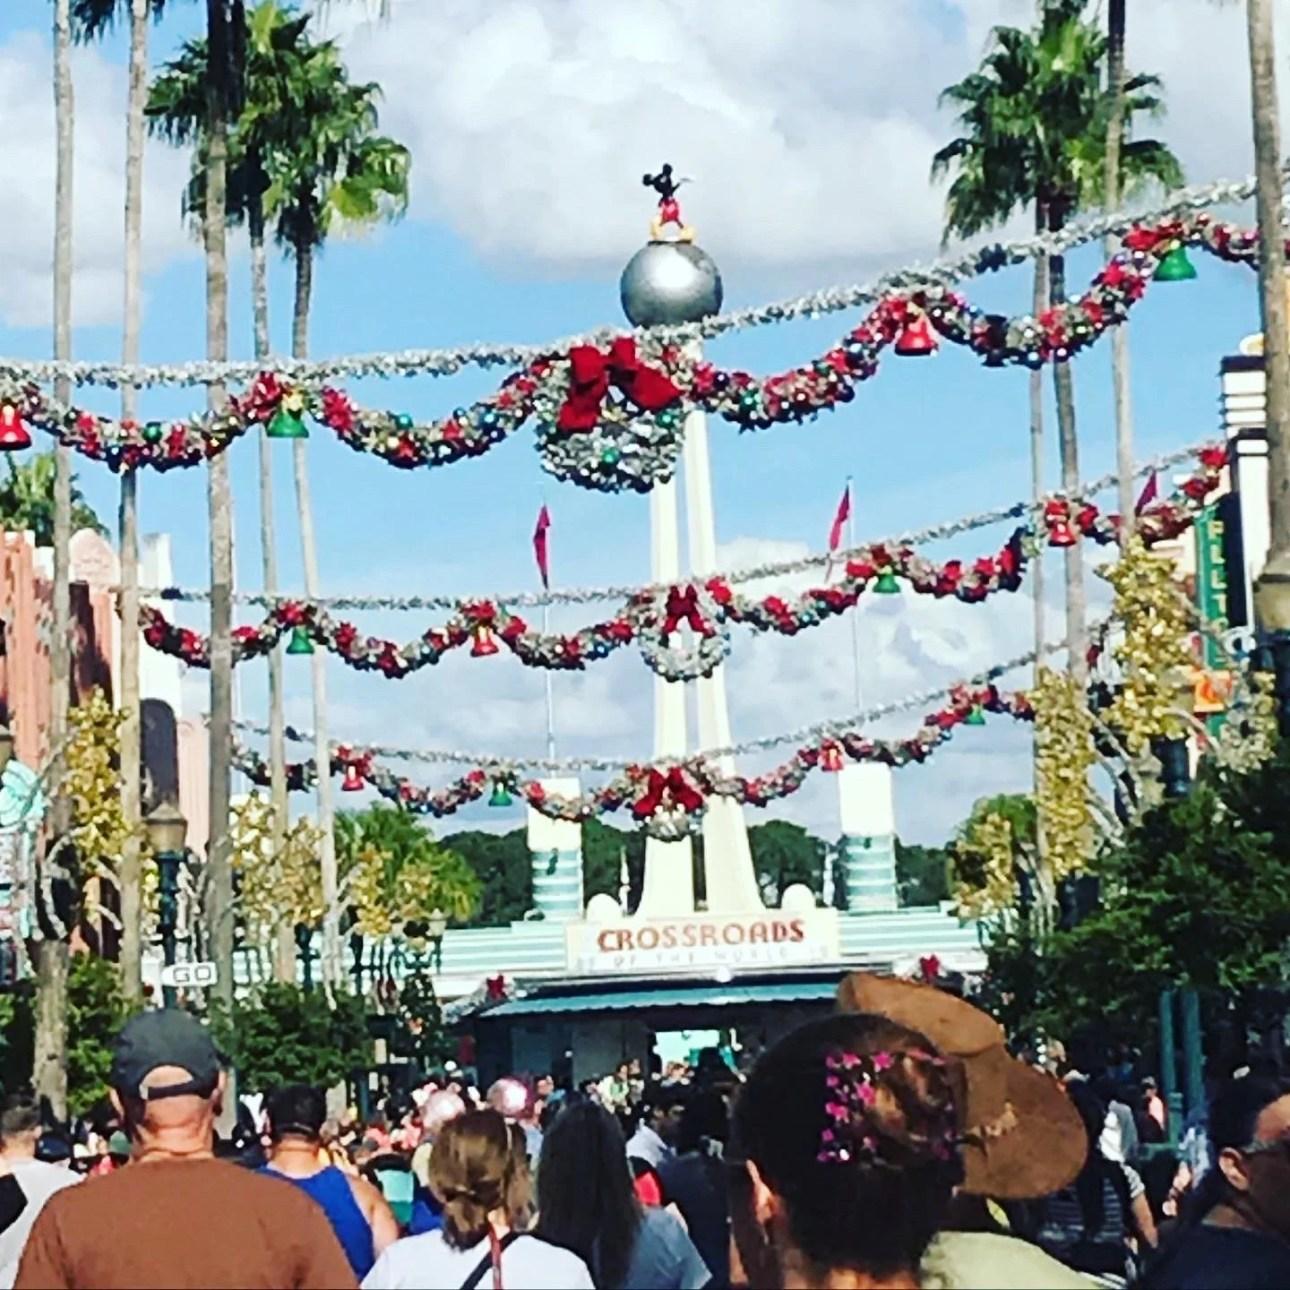 Hollywood studios Christmas in Walt Disney World